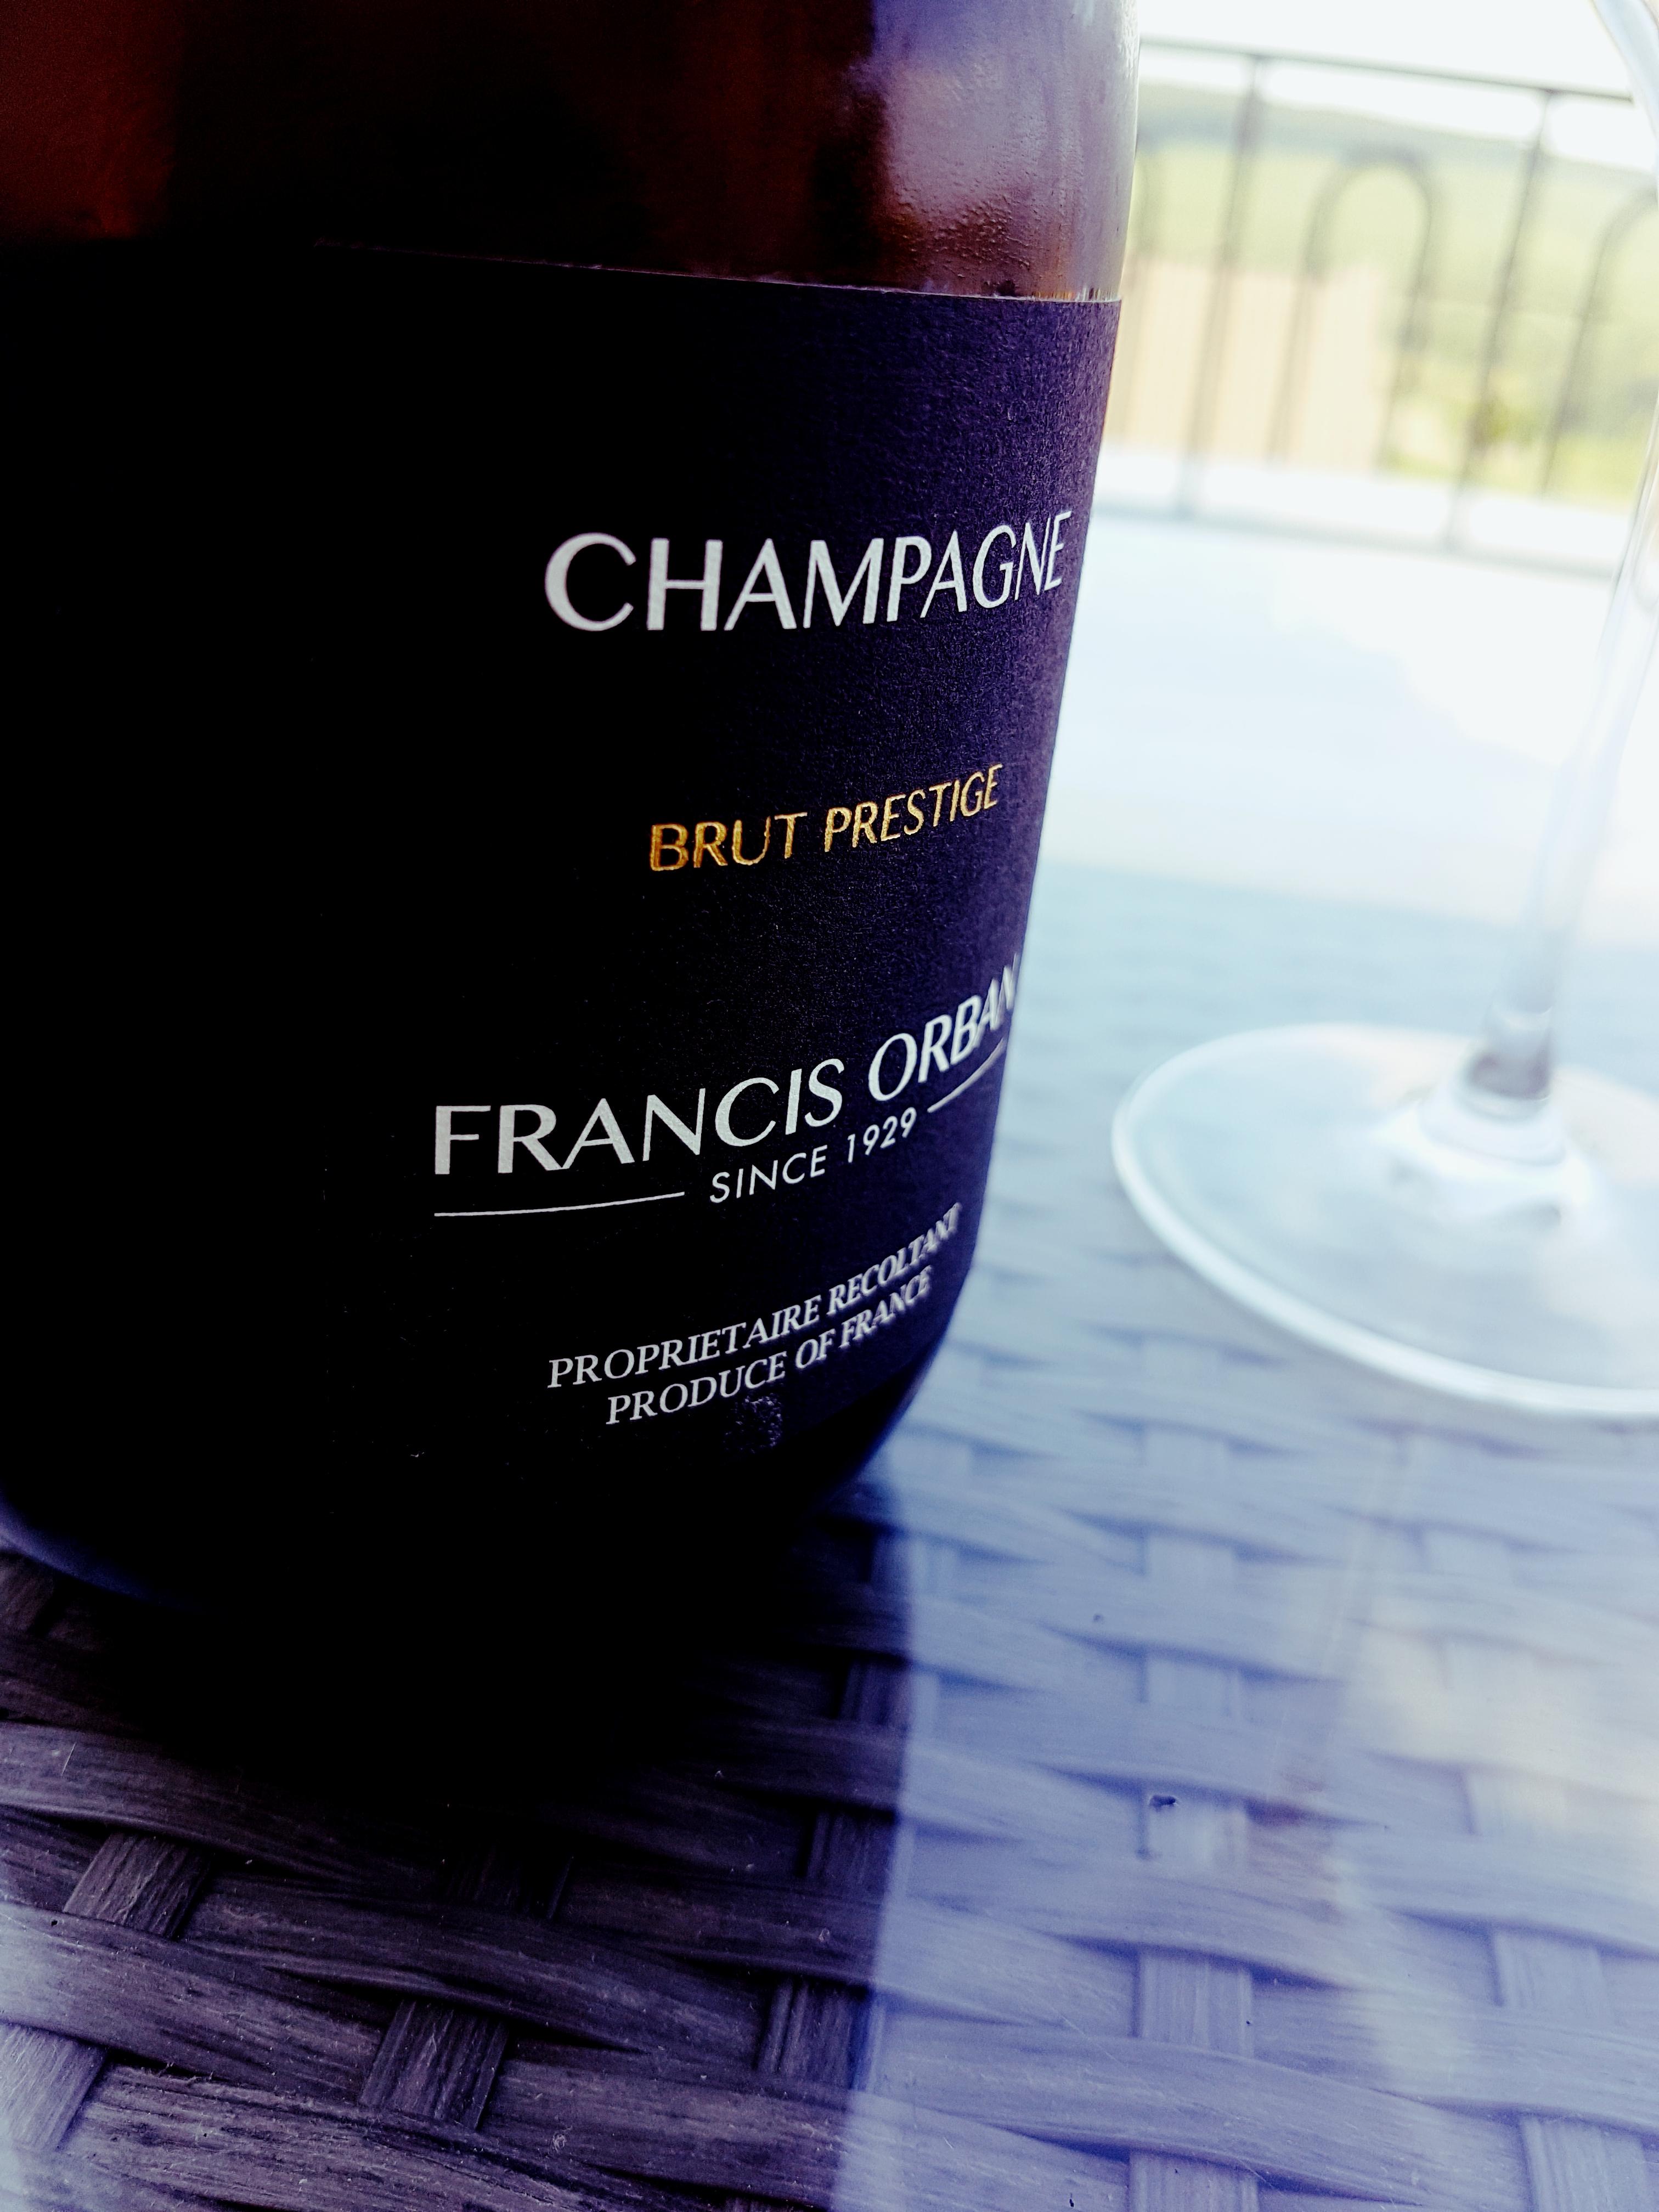 Francis Orban champagne šampanas tikras putojantis burbuliukai tradicija prancūzija